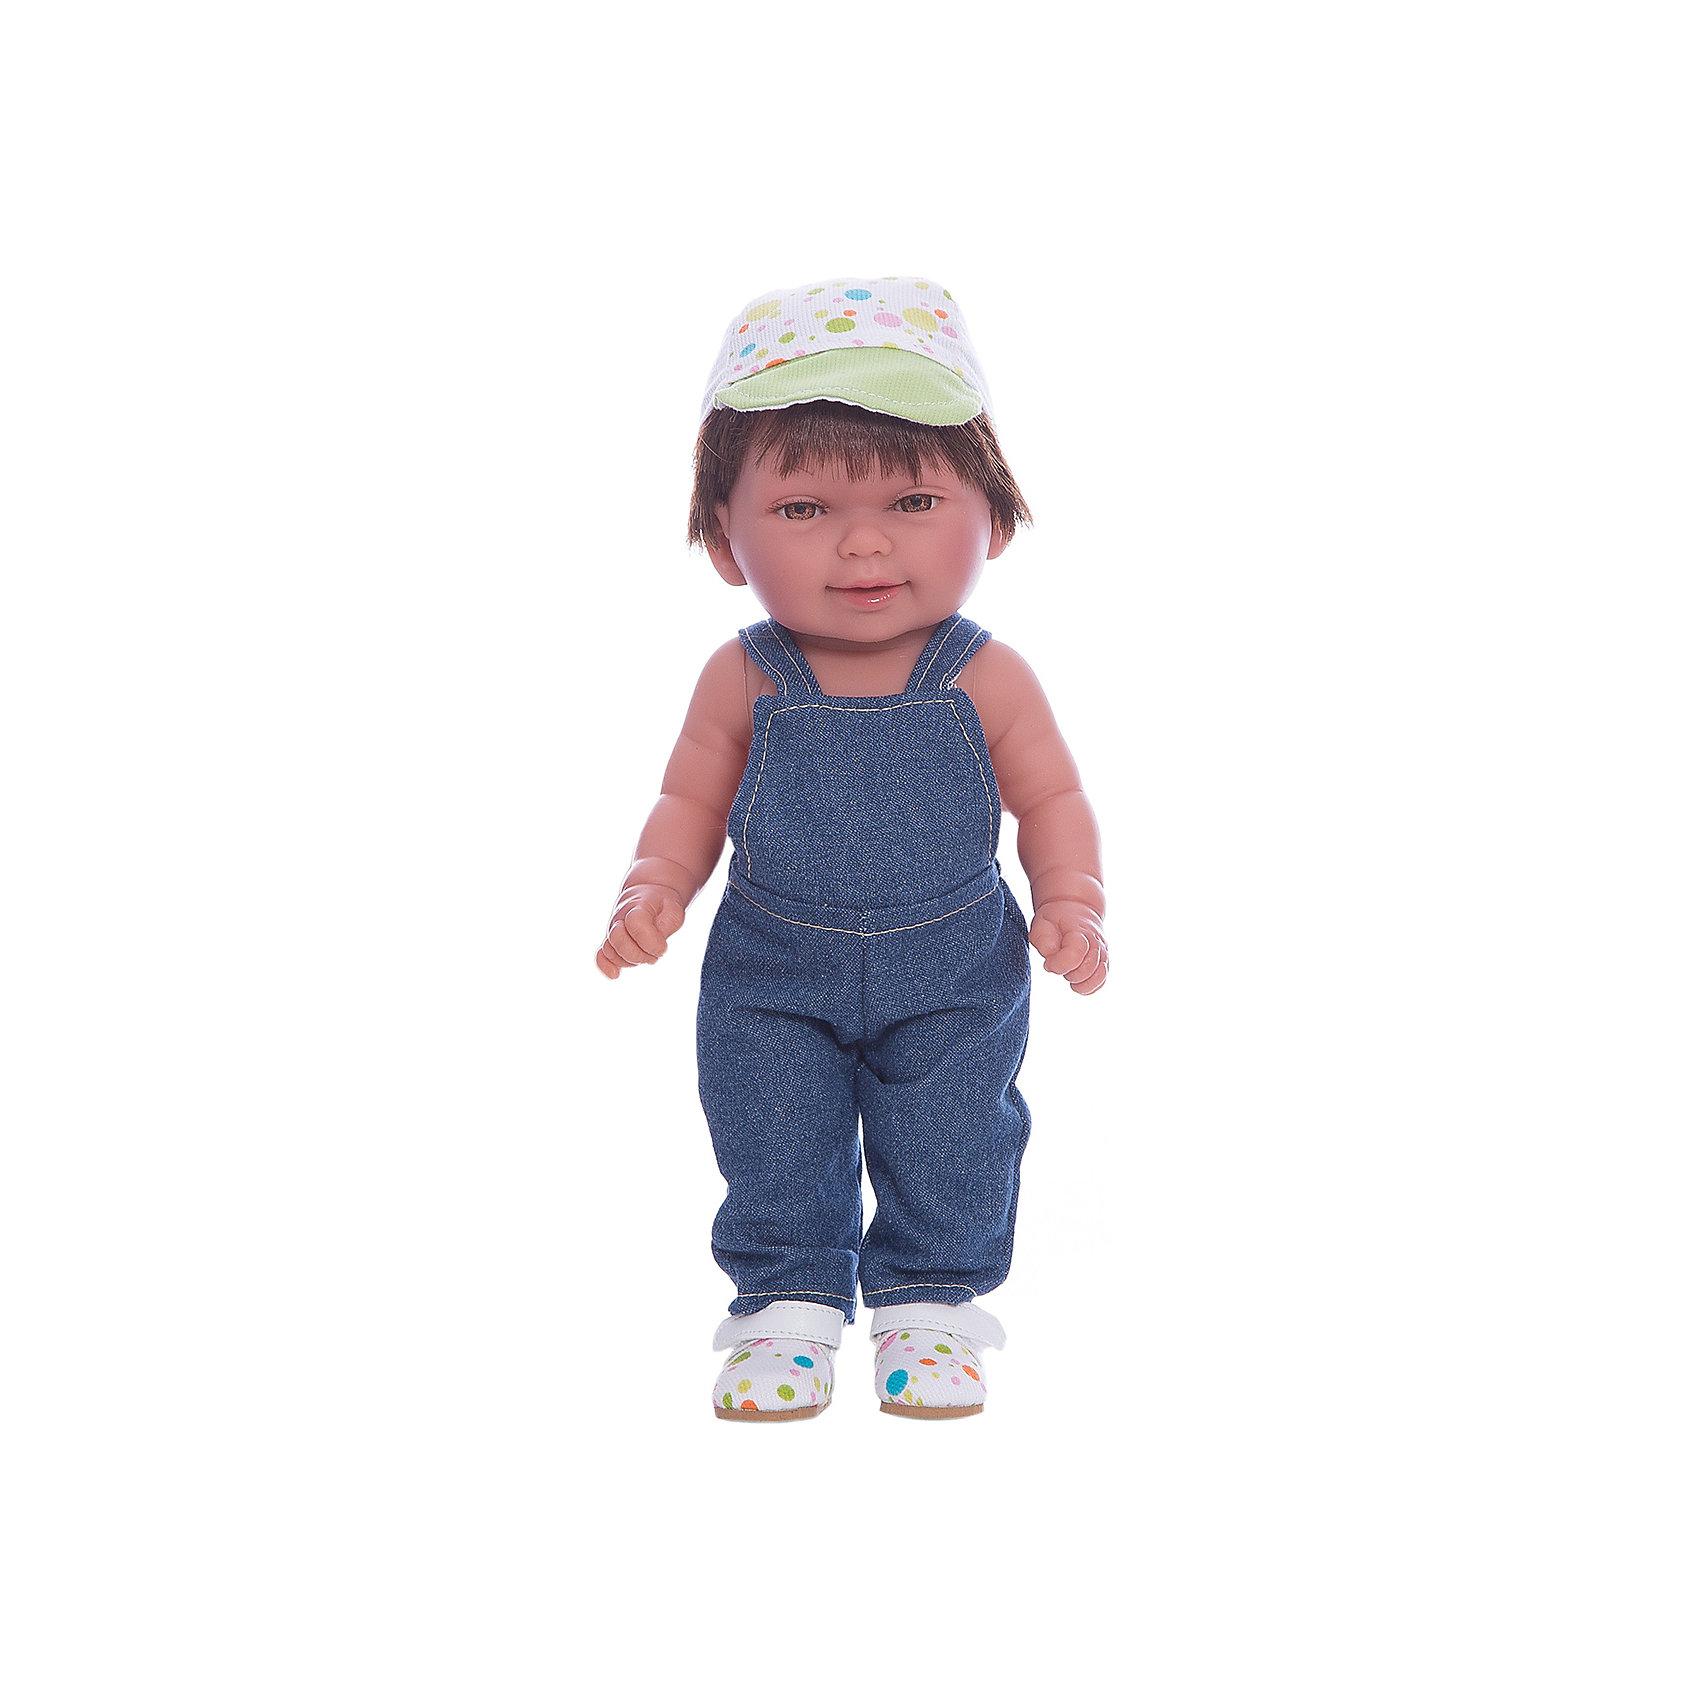 Кукла Мико в джинсовом комбинезоне, умеет стоять, серия soft touch, Vestida de AzulКлассические куклы<br>Характеристики товара:<br><br>• возраст: от 3 лет;<br>• материал: винил, текстиль;<br>• в комплекте: кукла, комбинезон, кепка;<br>• высота куклы: 30 см;<br>• размер упаковки: 34х14х8 см;<br>• вес упаковки: 375 гр.;<br>• страна производитель: Испания.<br><br>Кукла Мико в джинсовом комбинезоне Soft Touch Vestida de Azul — очаровательный карапуз с пухлыми щечками и большими выразительными глазками. Мико одет в джинсовый комбинезон, кроссовки и кепку. У куклы мягкие короткие волосы очень похожие на натуральные. У куклы подвижные руки и ноги, она умеет самостоятельно стоять. Игра с пупсом привьет девочке чувство ответственности, любви, заботы. <br><br>Куклу Мико в джинсовом комбинезоне Soft Touch Vestida de Azul можно приобрести в нашем интернет-магазине.<br><br>Ширина мм: 380<br>Глубина мм: 120<br>Высота мм: 240<br>Вес г: 650<br>Возраст от месяцев: 36<br>Возраст до месяцев: 2147483647<br>Пол: Женский<br>Возраст: Детский<br>SKU: 6844344